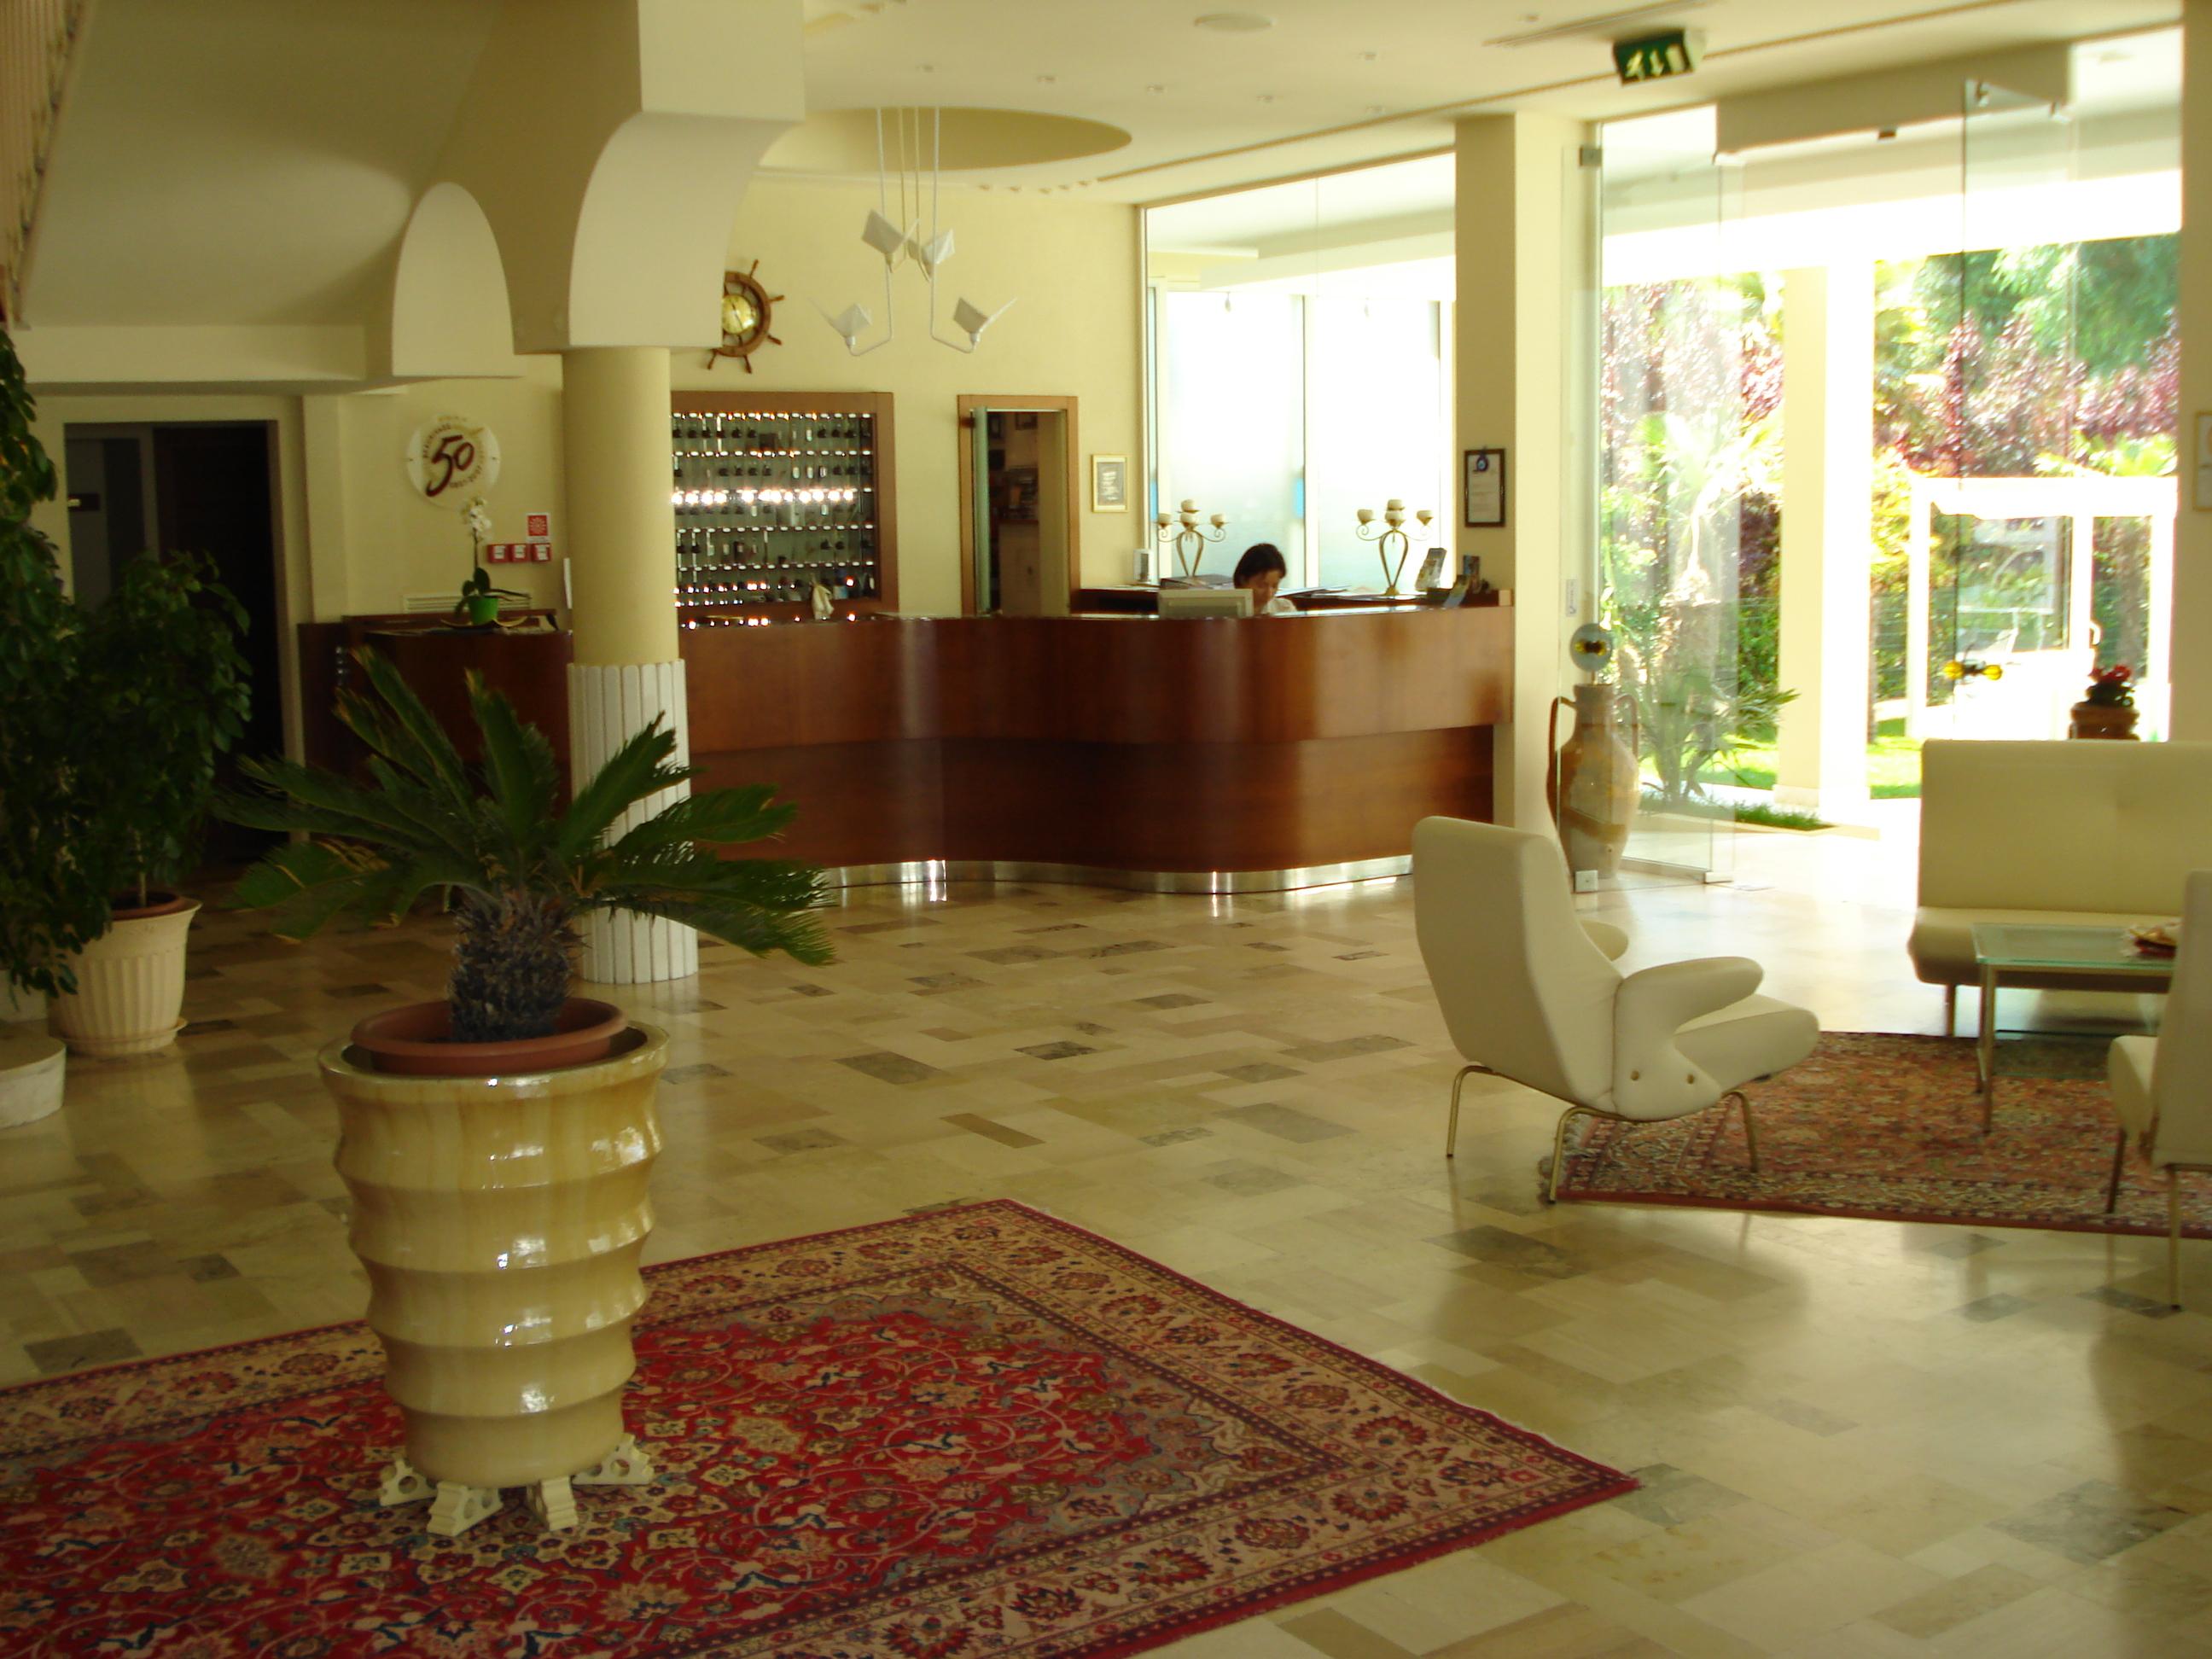 Arredamento hote hotel beaurivage for Arredamento hotel usato